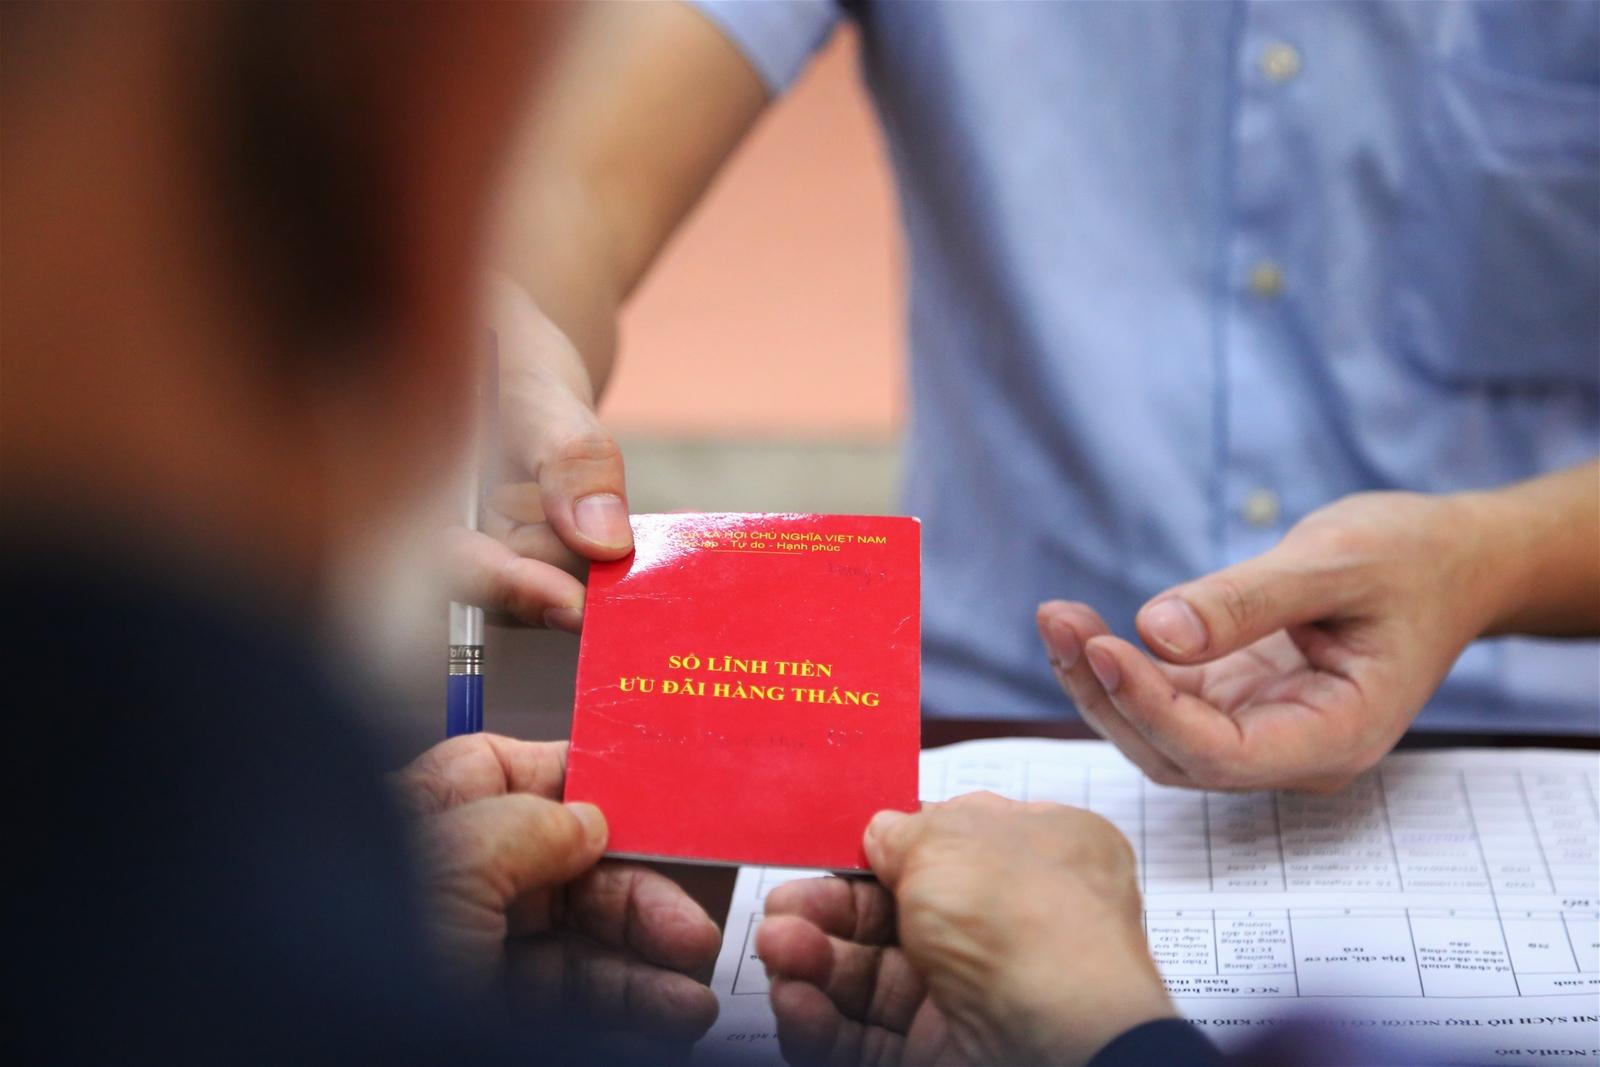 Hà Nội: Người dân vui mừng nhận hỗ trợ từ gói 62 nghìn tỷ trong ngày lễ 30/4